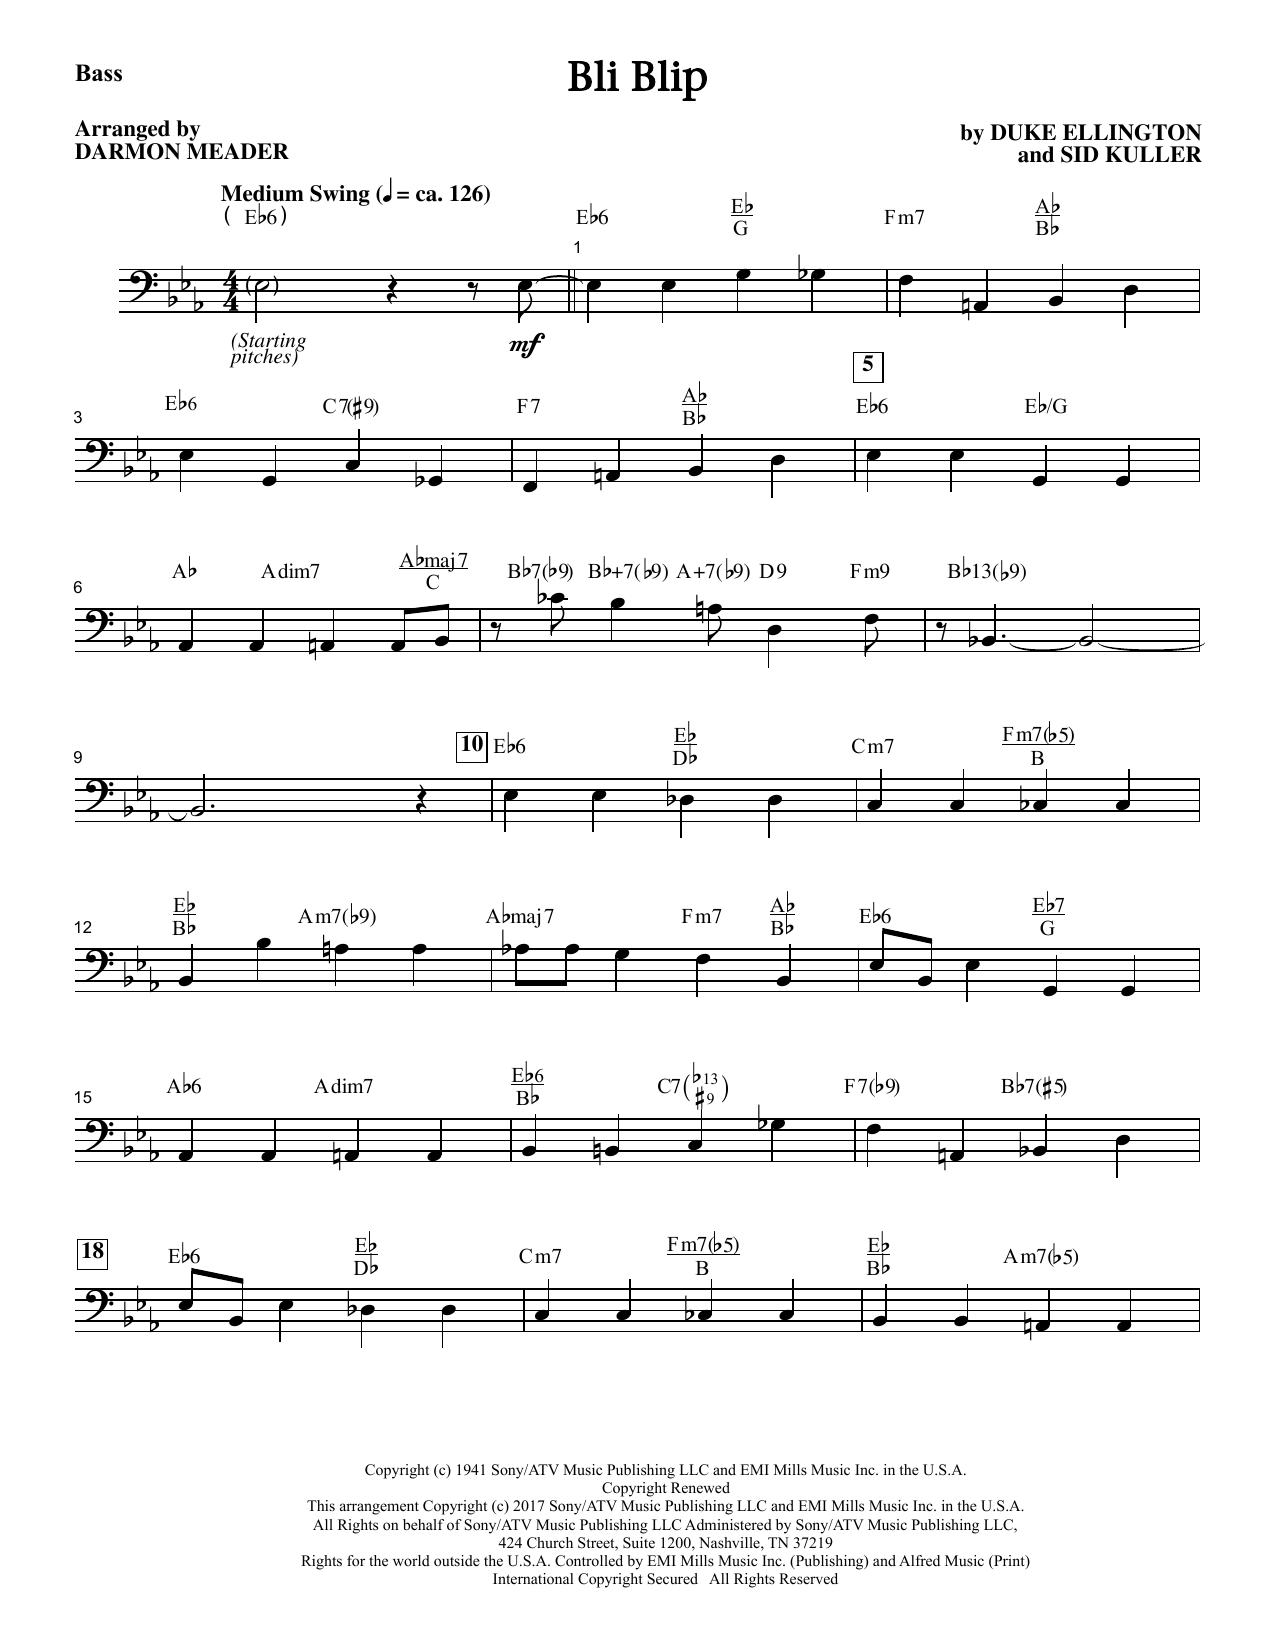 Duke Ellington - Bli-blip - Bass